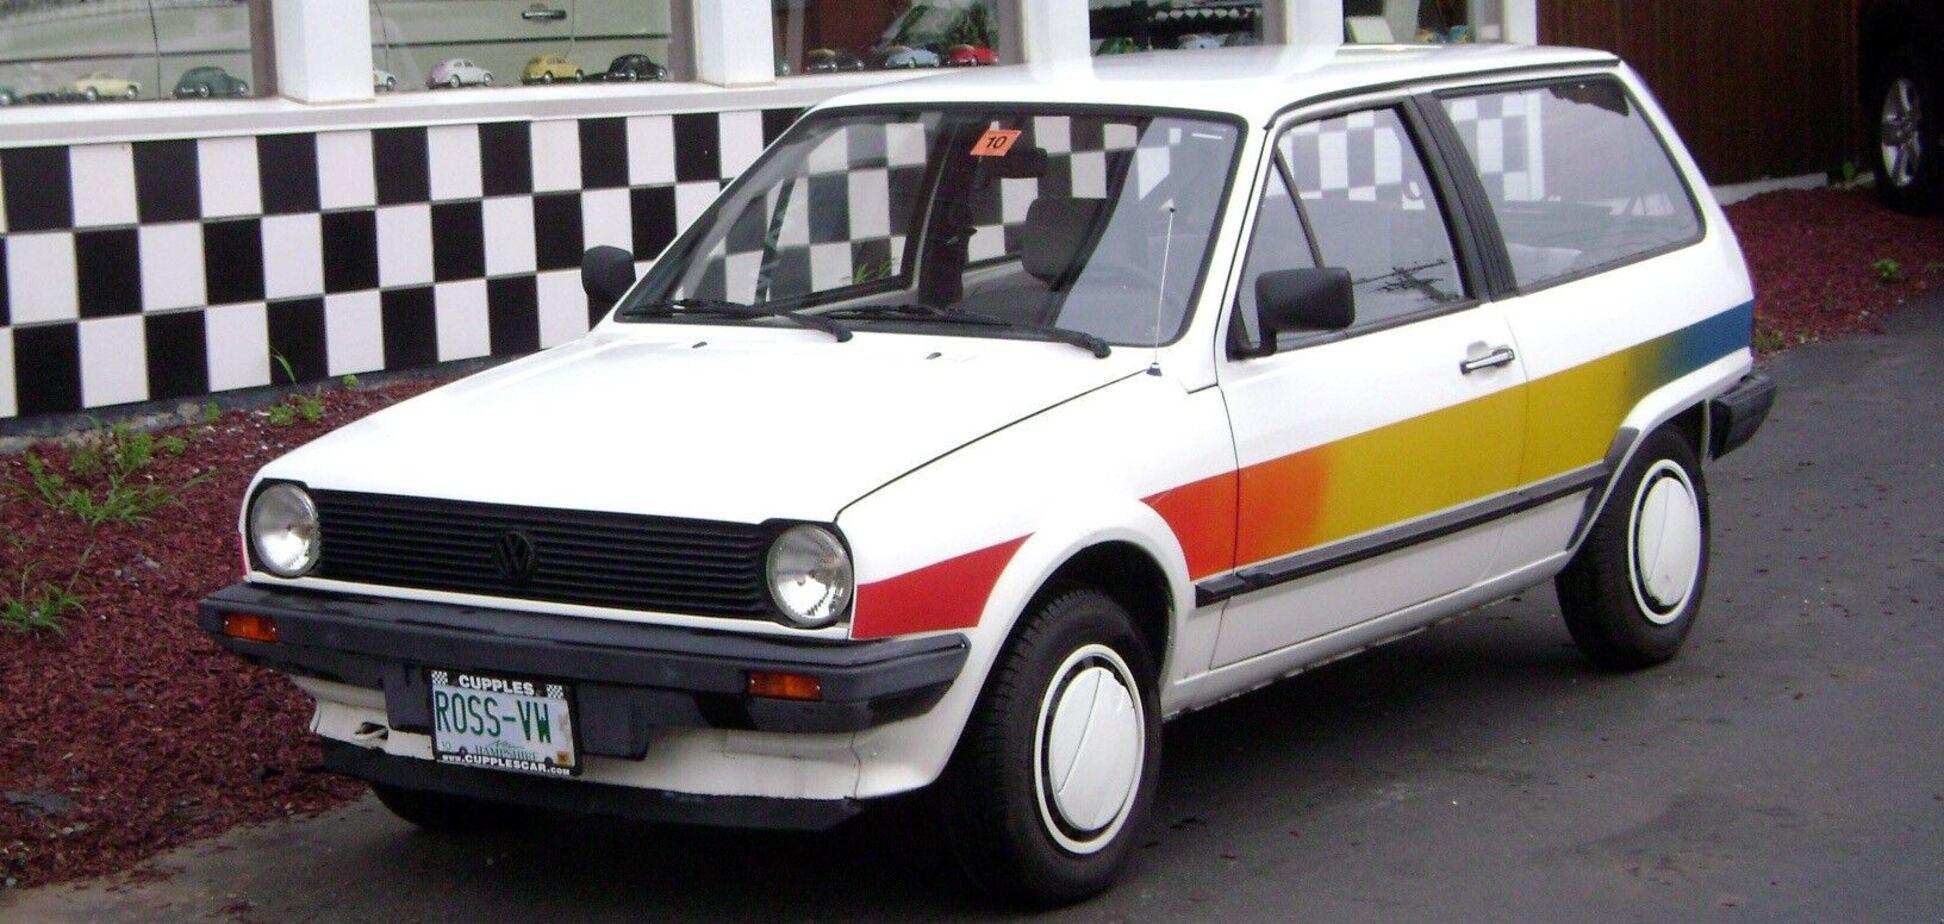 У США виявили експериментальний Volkswagen із витратою 3 л/100 км